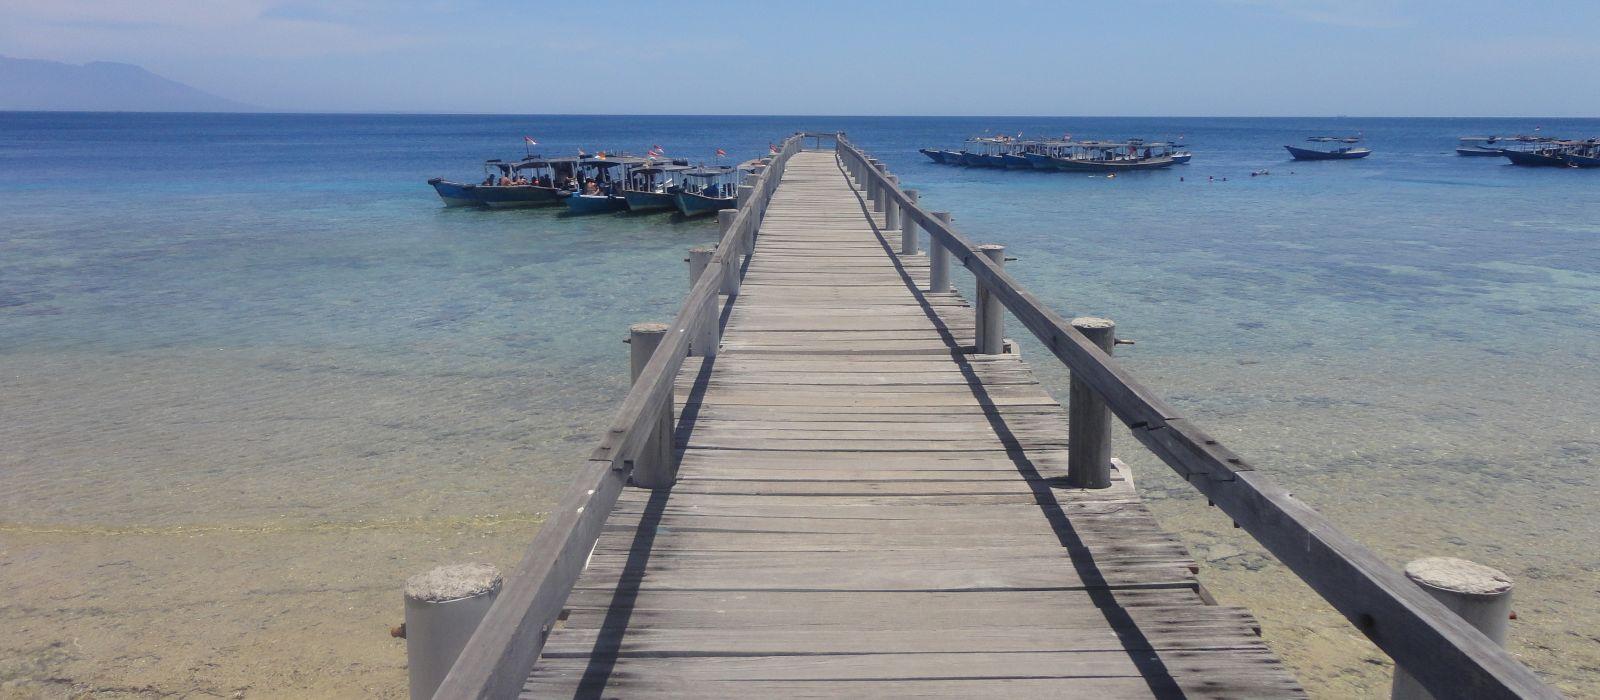 Indonesien für Einsteiger: Die Höhepunkte von Java und Bali Urlaub 6